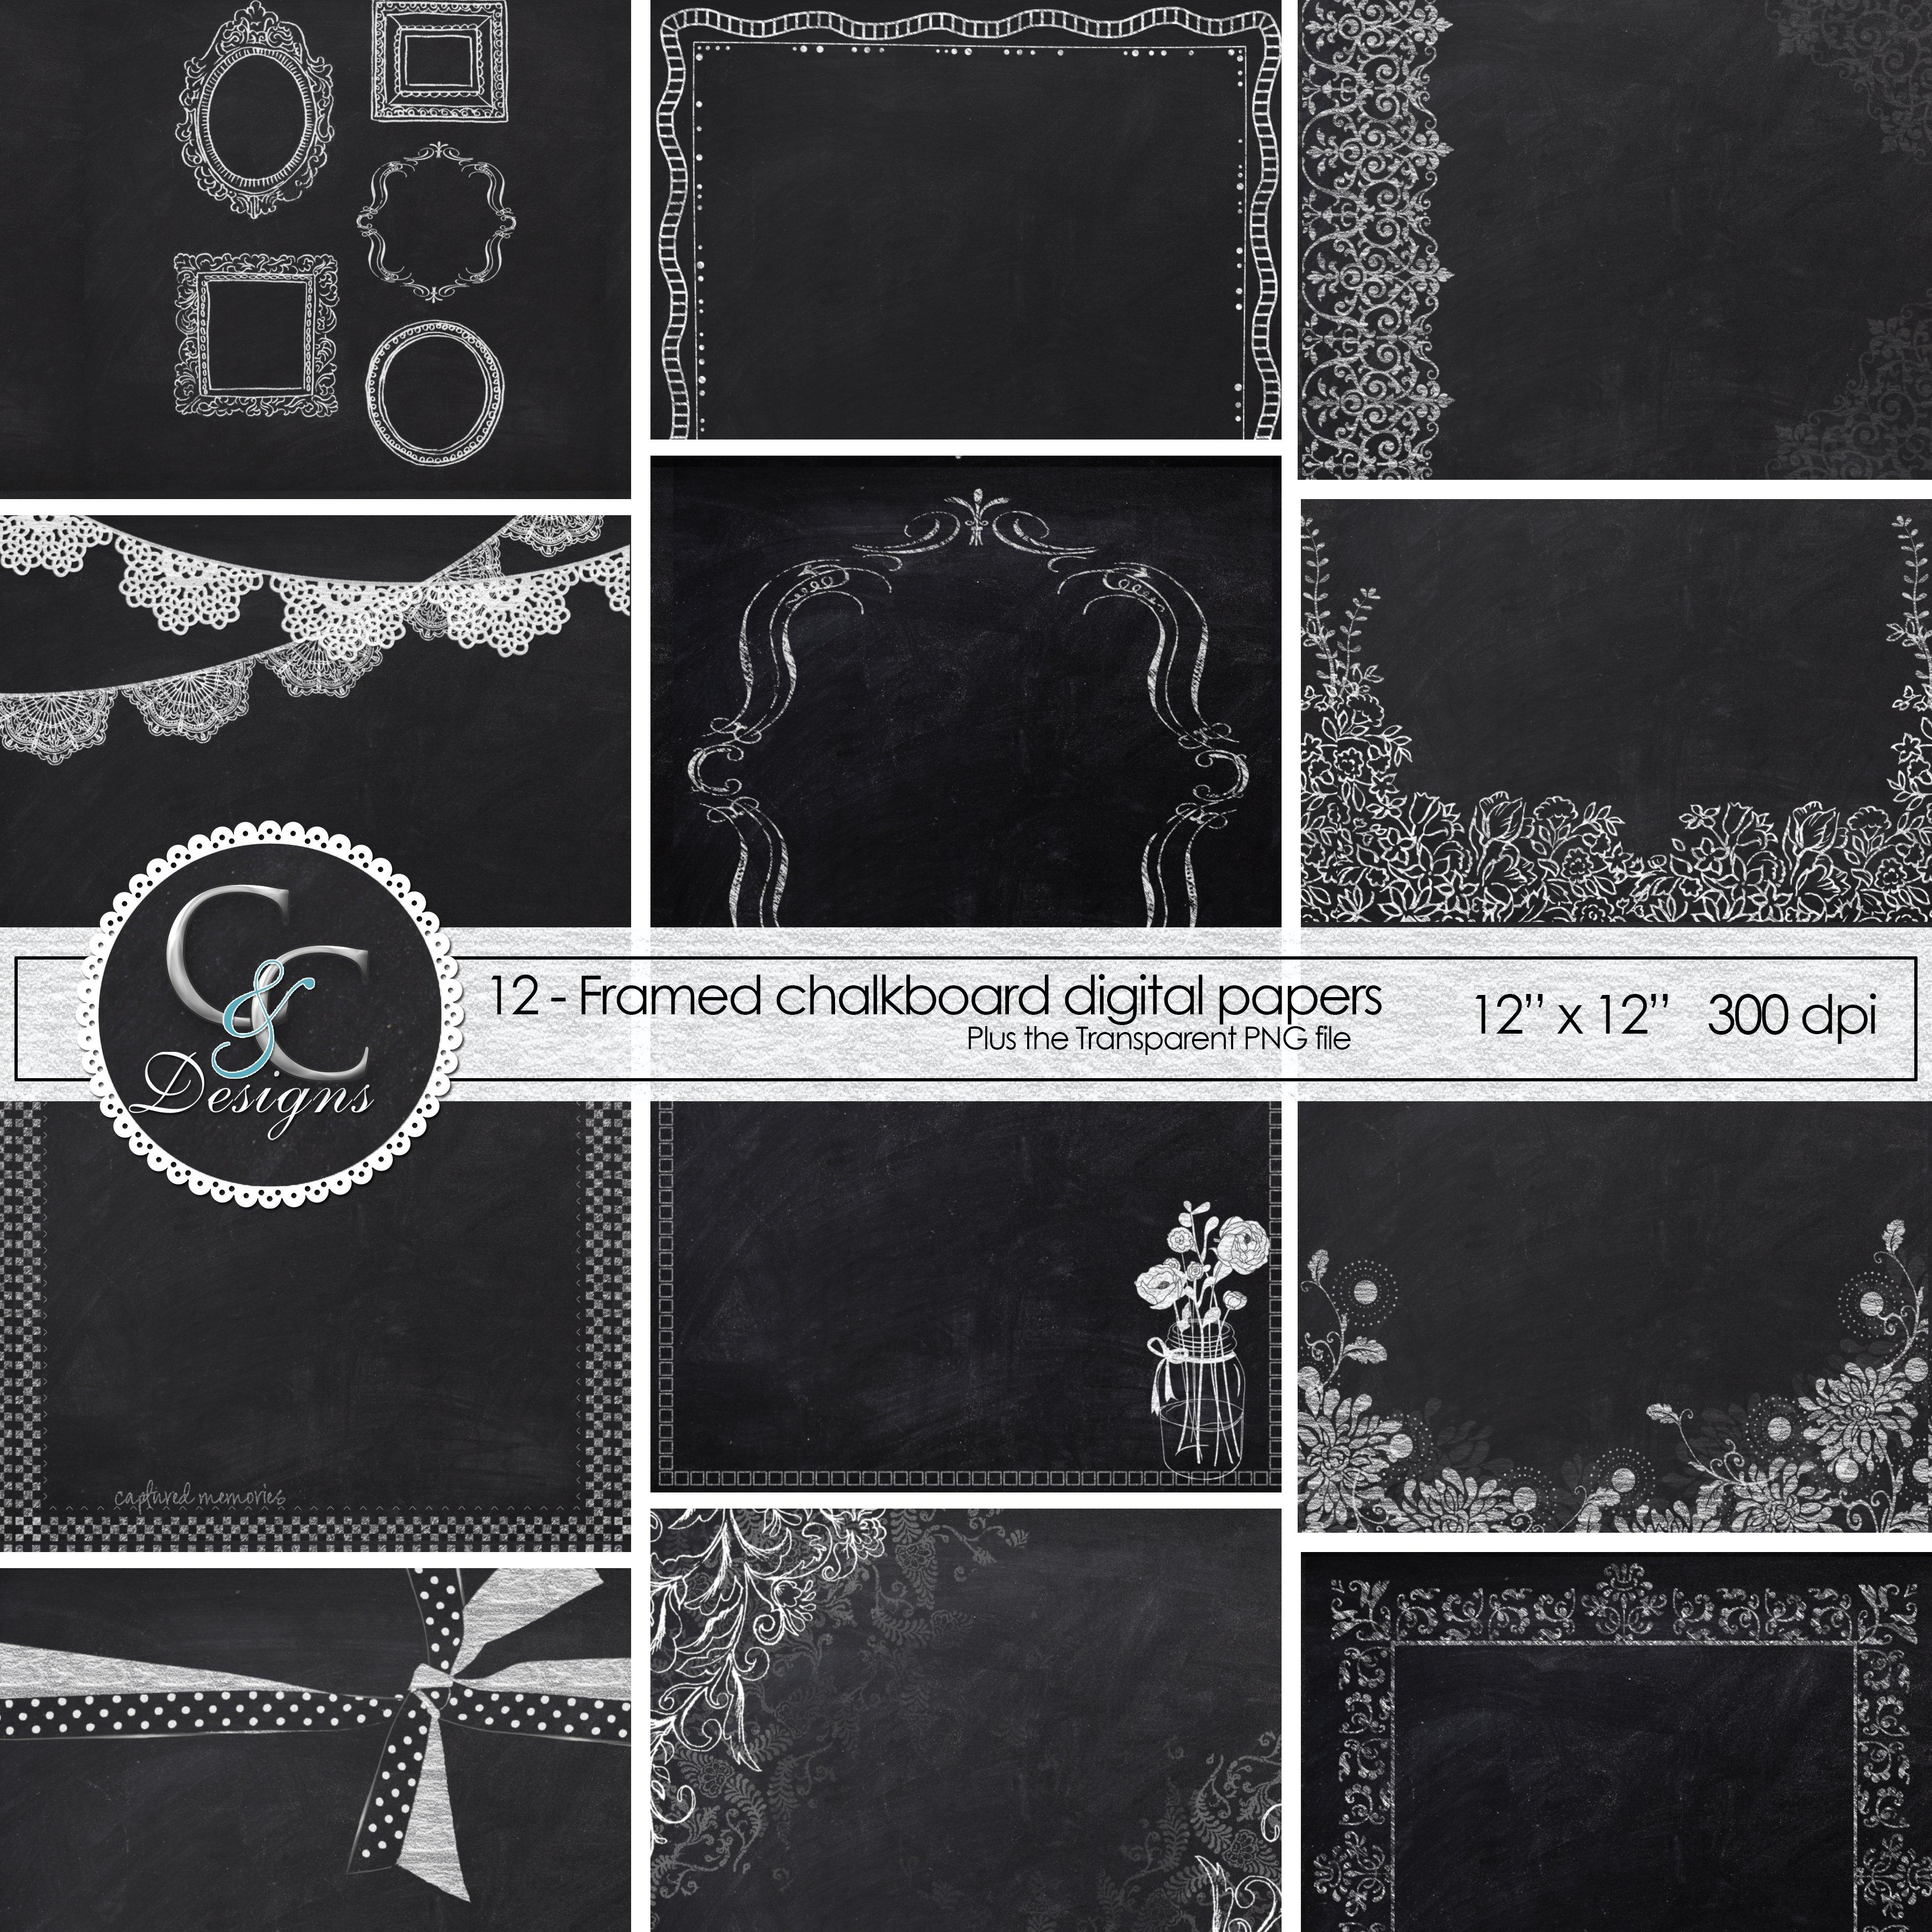 Chalkboard Frame Papers 12 Digital Paper Pack 97752 Backgrounds Design Bundles